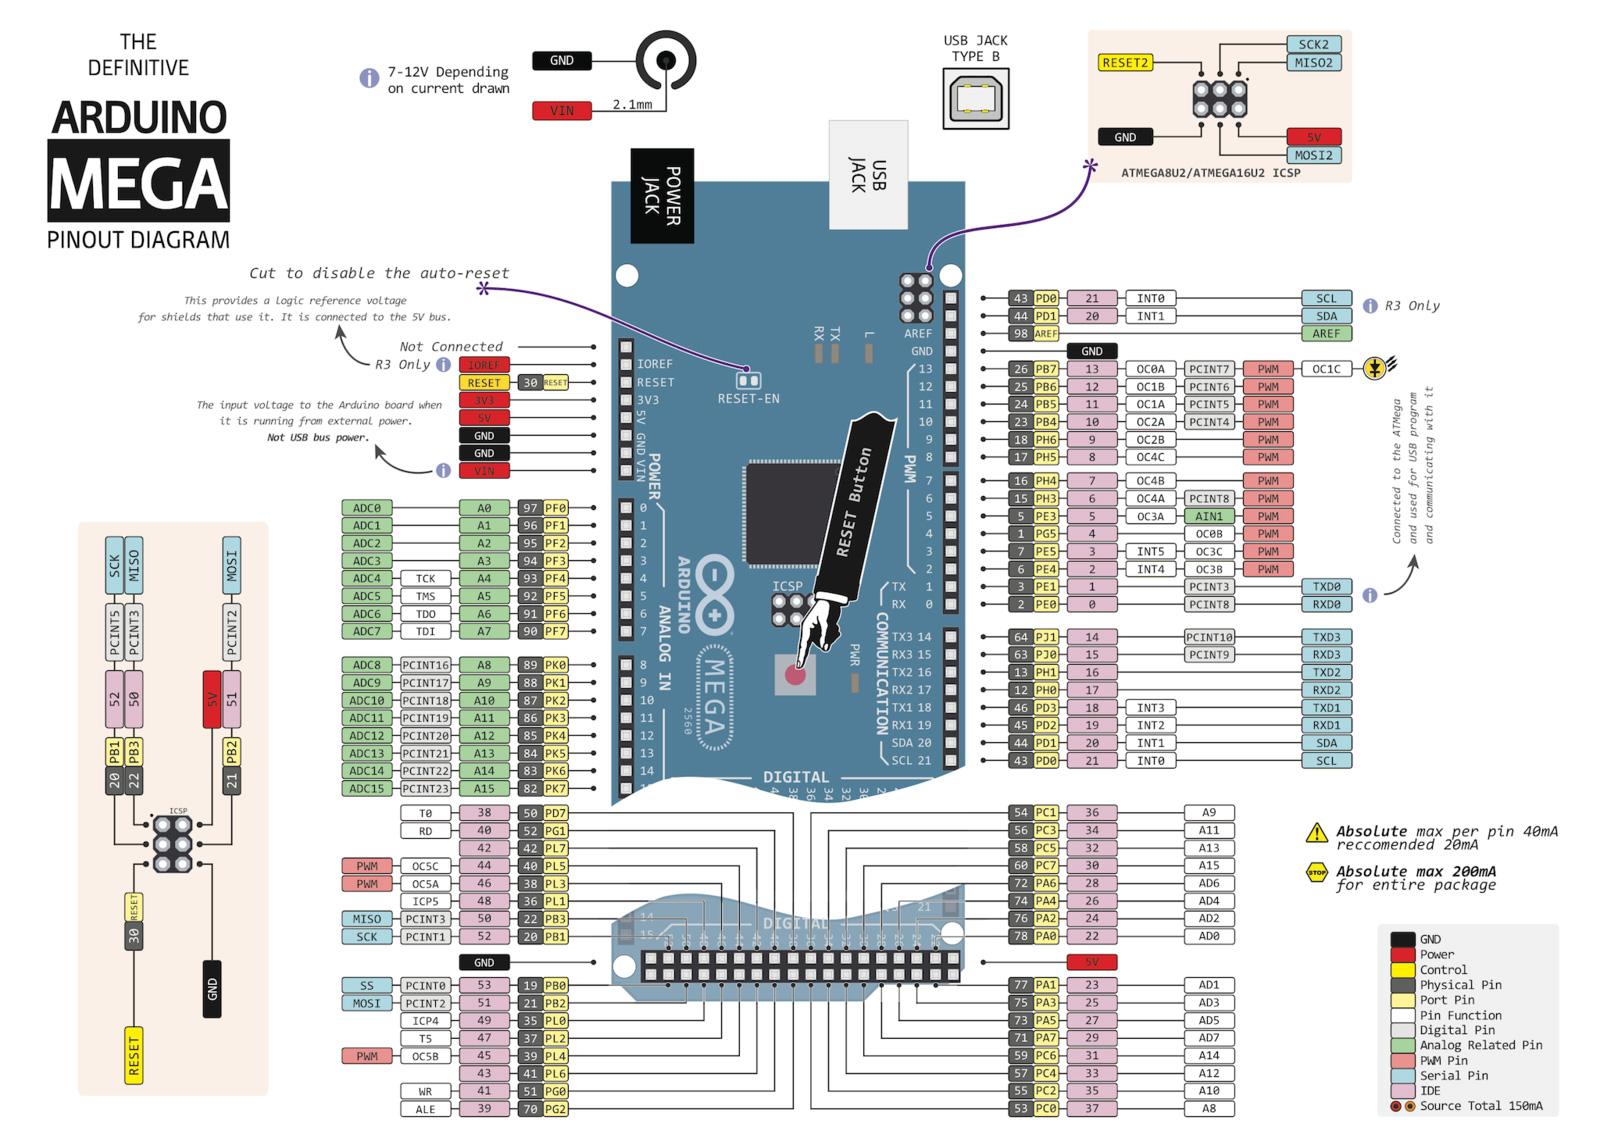 Распиновка Arduino Mega 2560 REV3